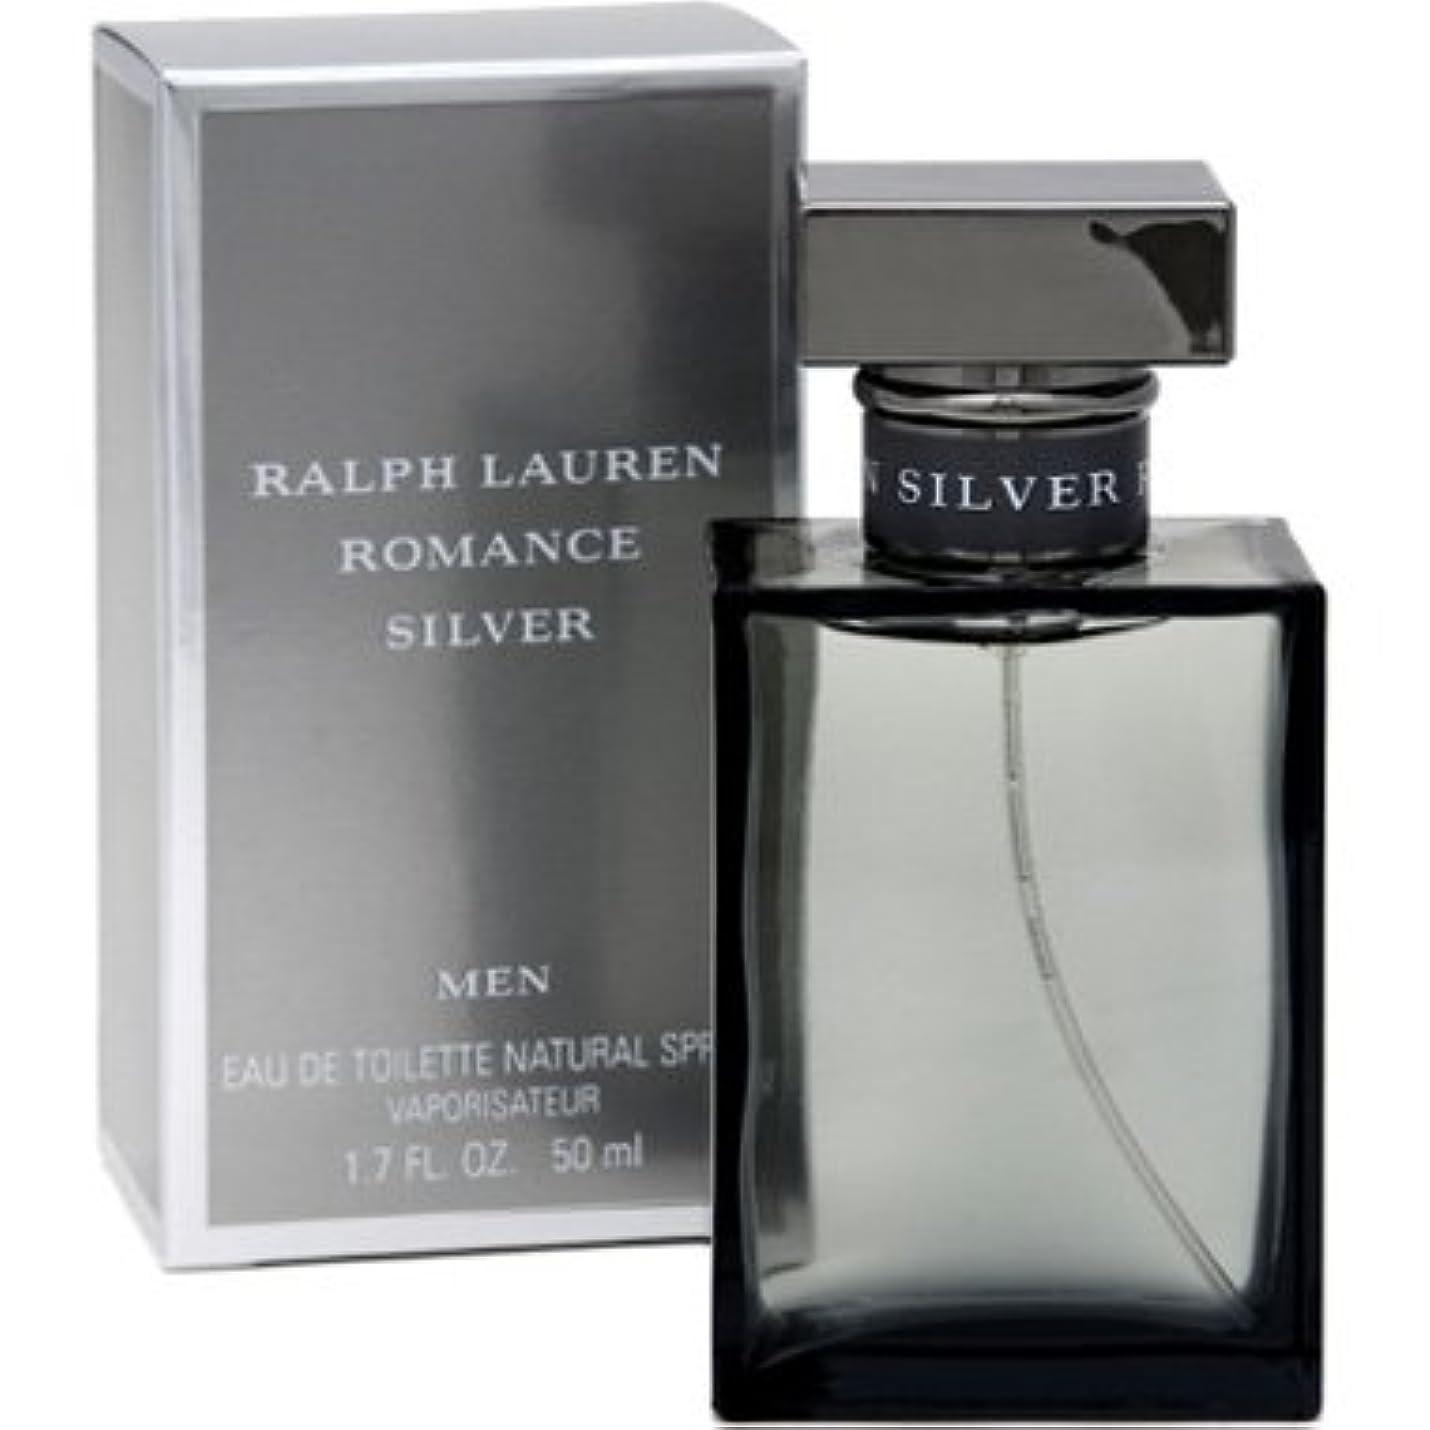 動かない組アセラルフローレン(Ralph Lauren) ロマンス メン シルバー(50ml)EDT/SP[並行輸入品]